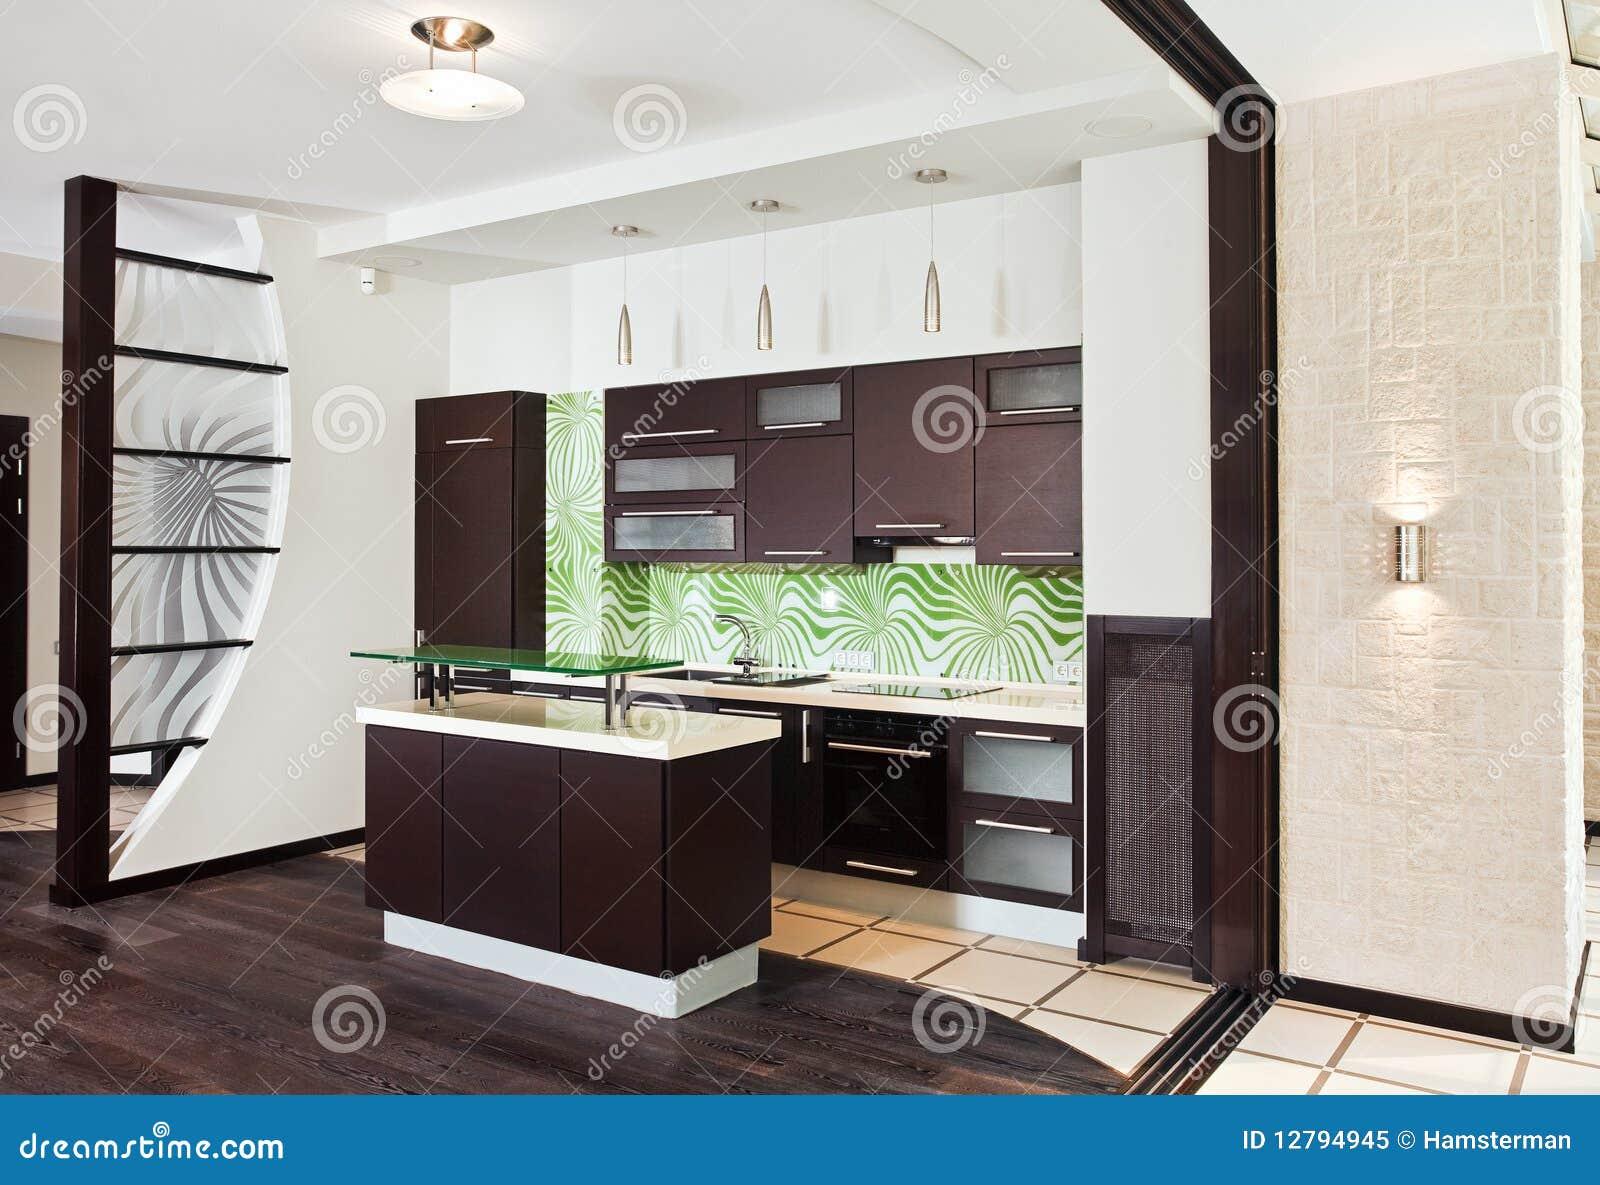 Moderner Fußboden ~ Moderne küche mit dunklem hölzernem fußboden stockbild bild von